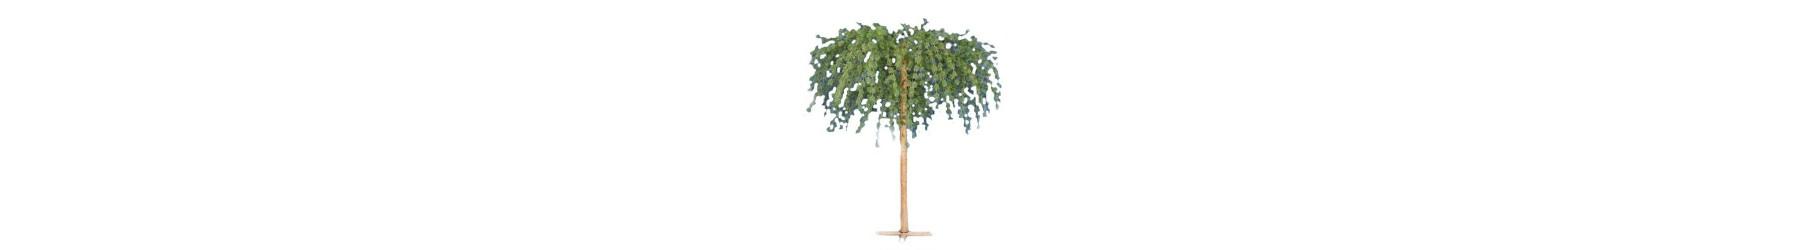 Ανάποδα - Κρεμαστά Χριστουγεννιάτικα δέντρα διακόσμησης σε πολλά σχέδια